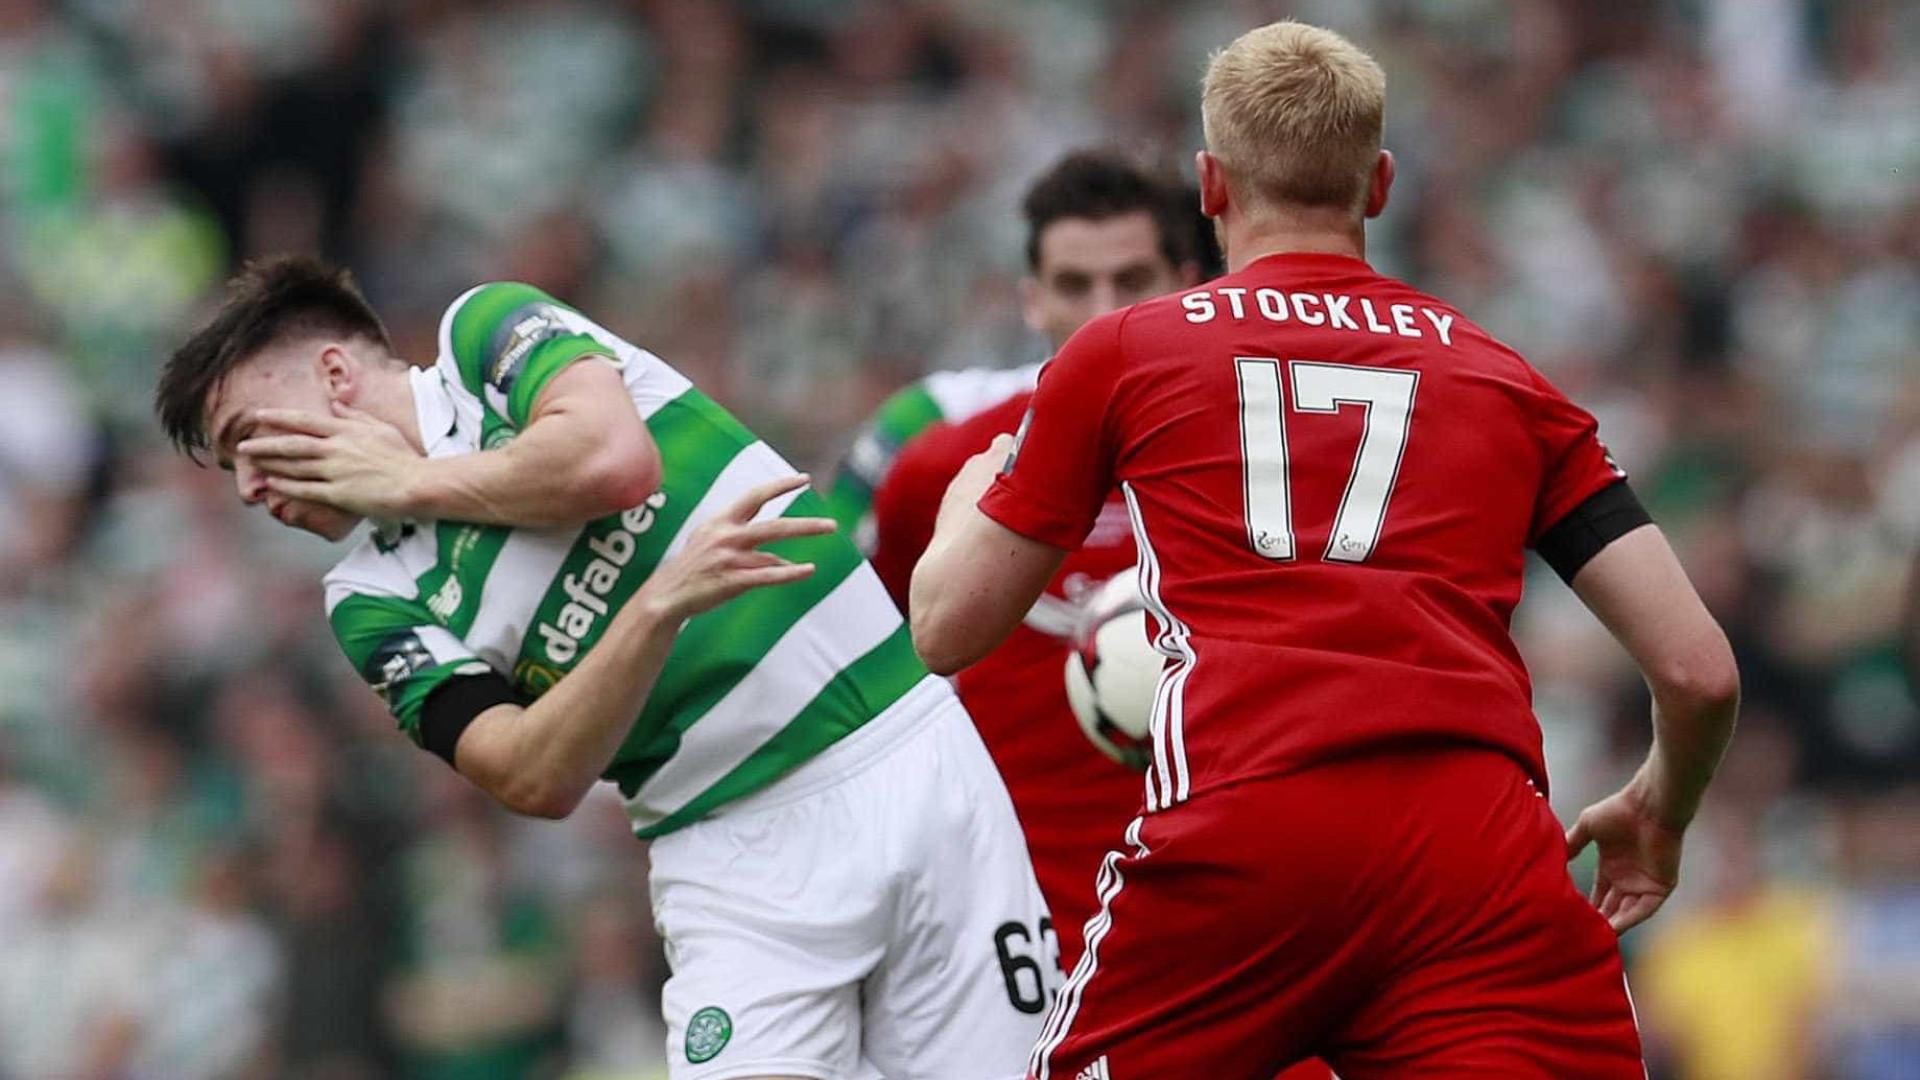 Jogador perde dois dentes em dividida na final da Copa da Escócia; veja